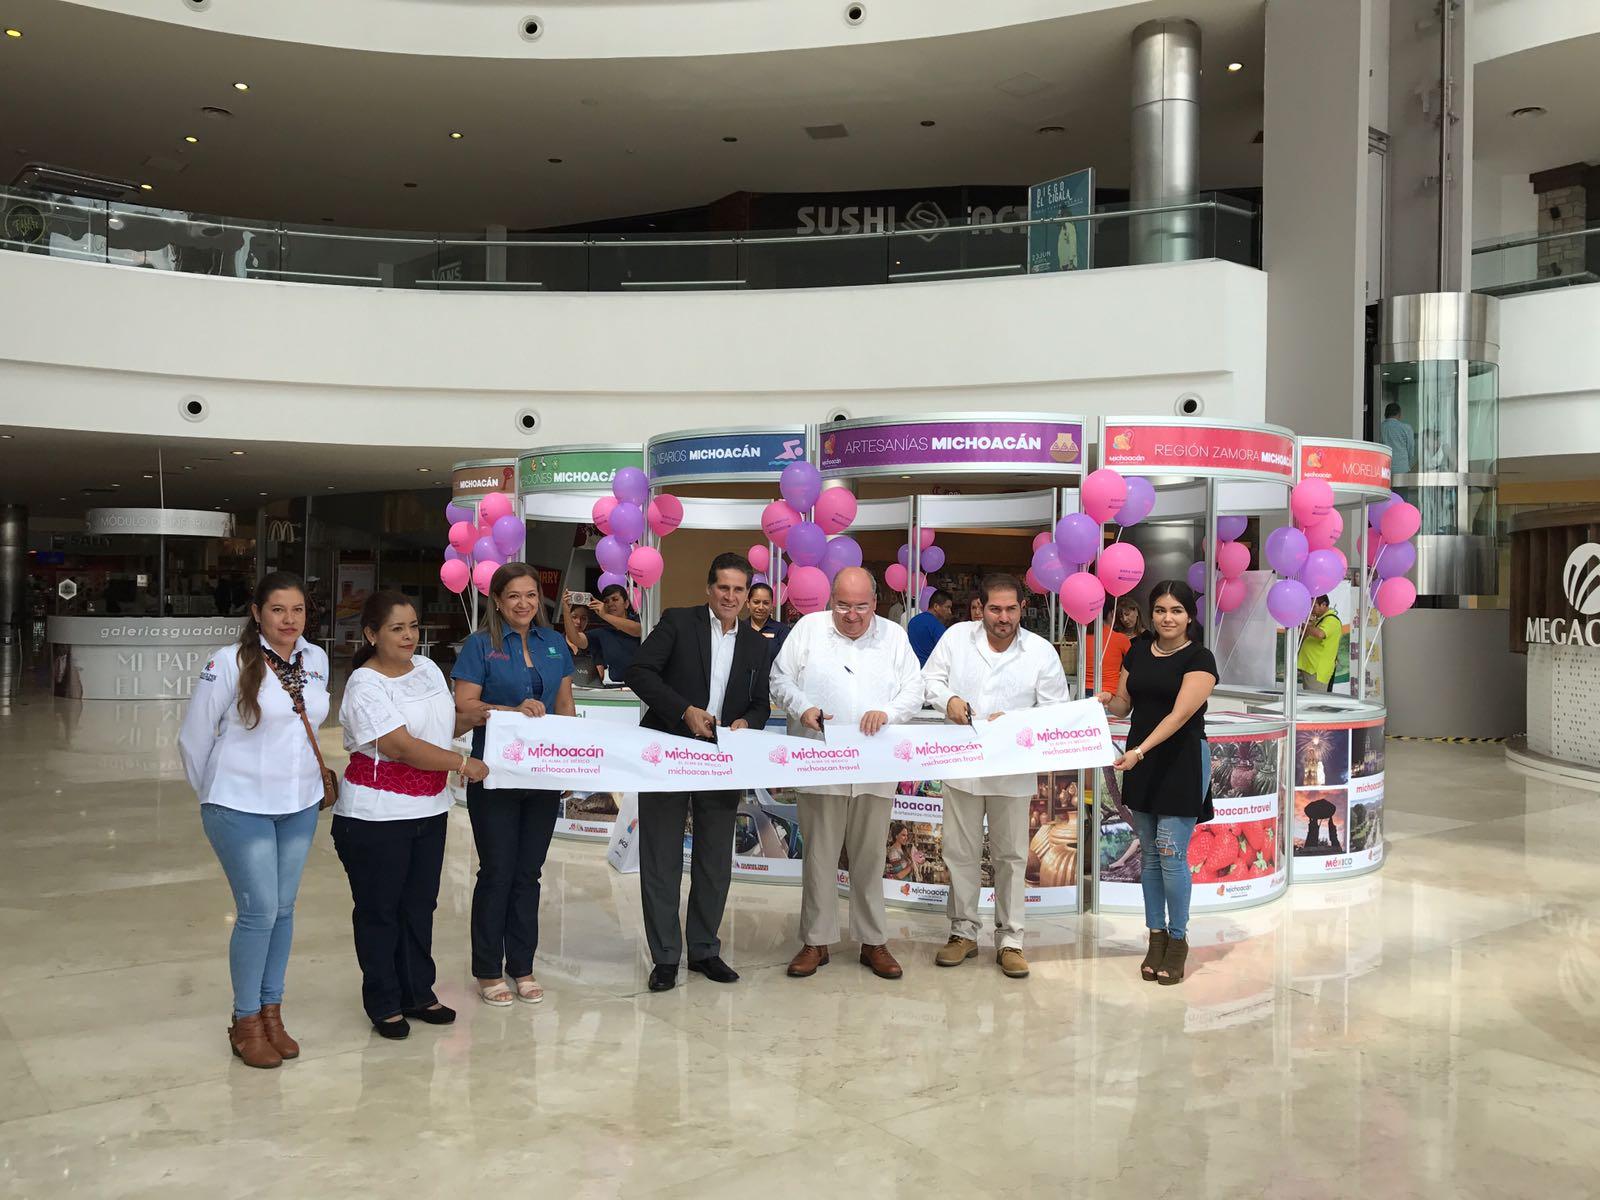 La promoción de Michoacán en el interior de la República, pieza clave para la detonación del turismo nacional: Sectur